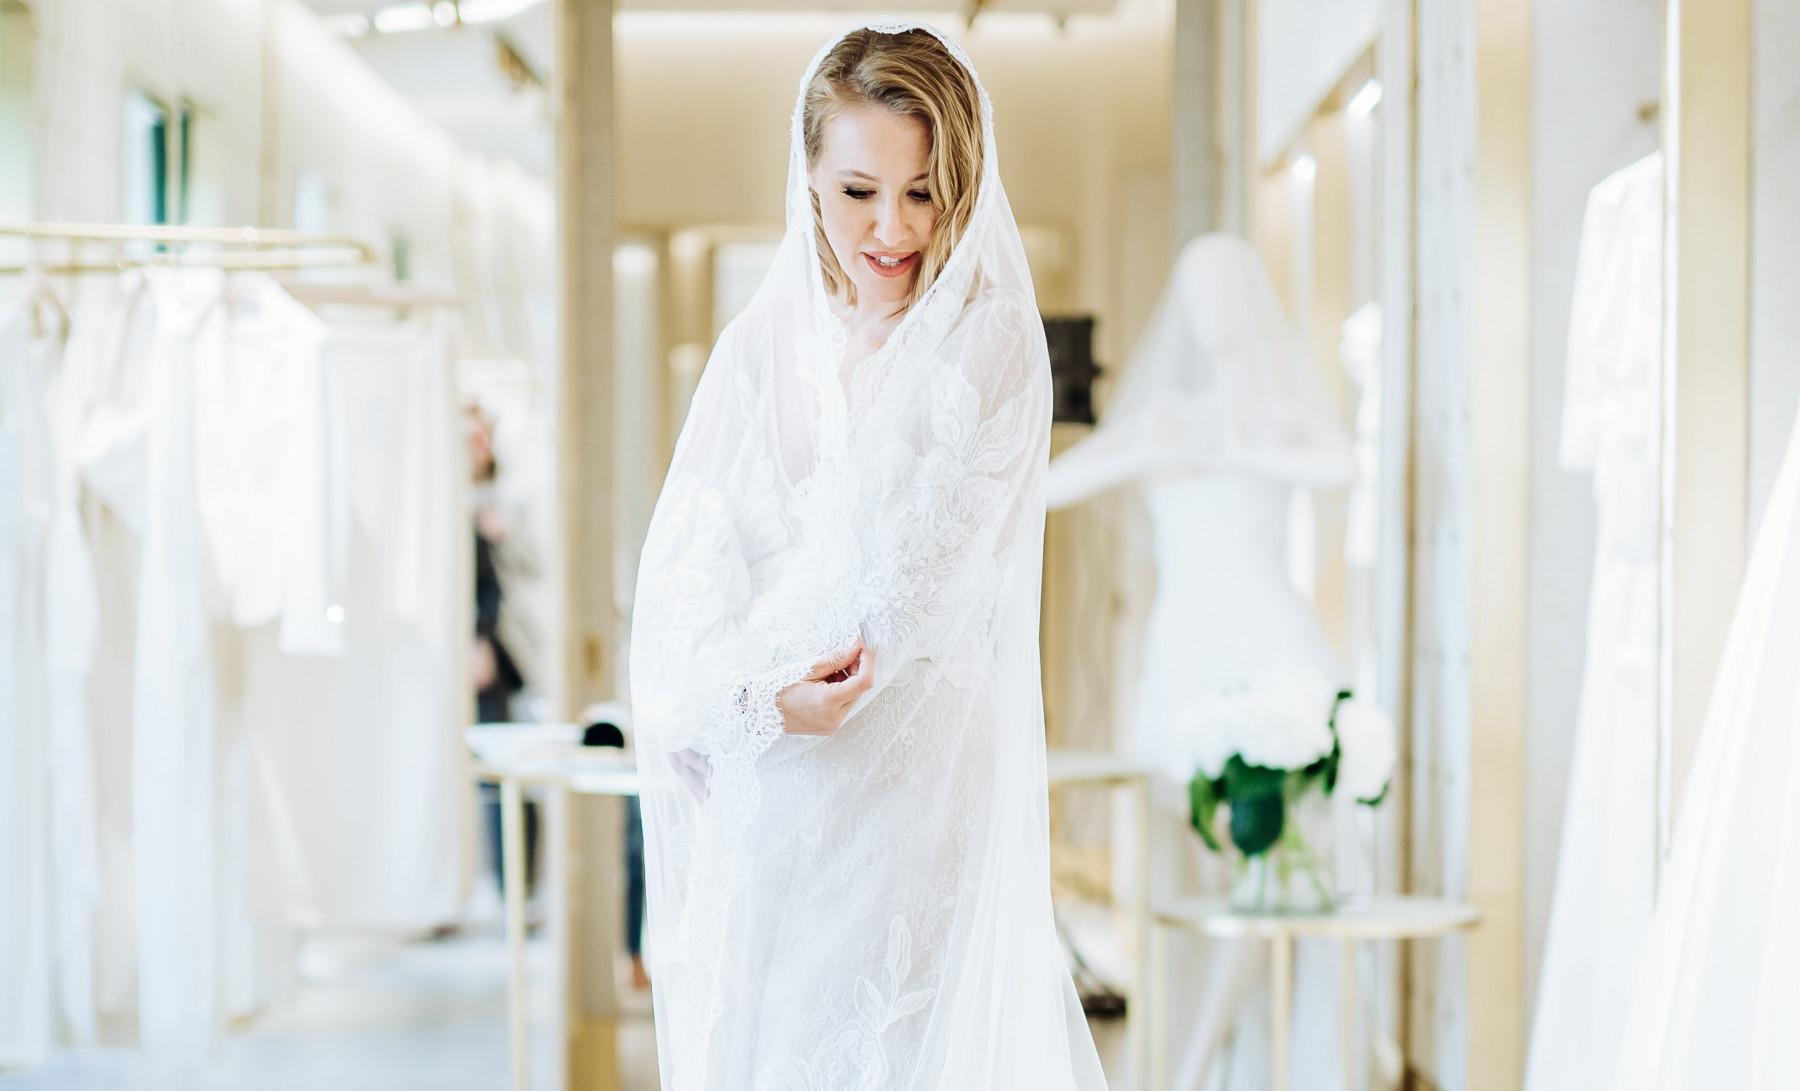 Свадьба Собчак и Богомолова: как проходили сборы